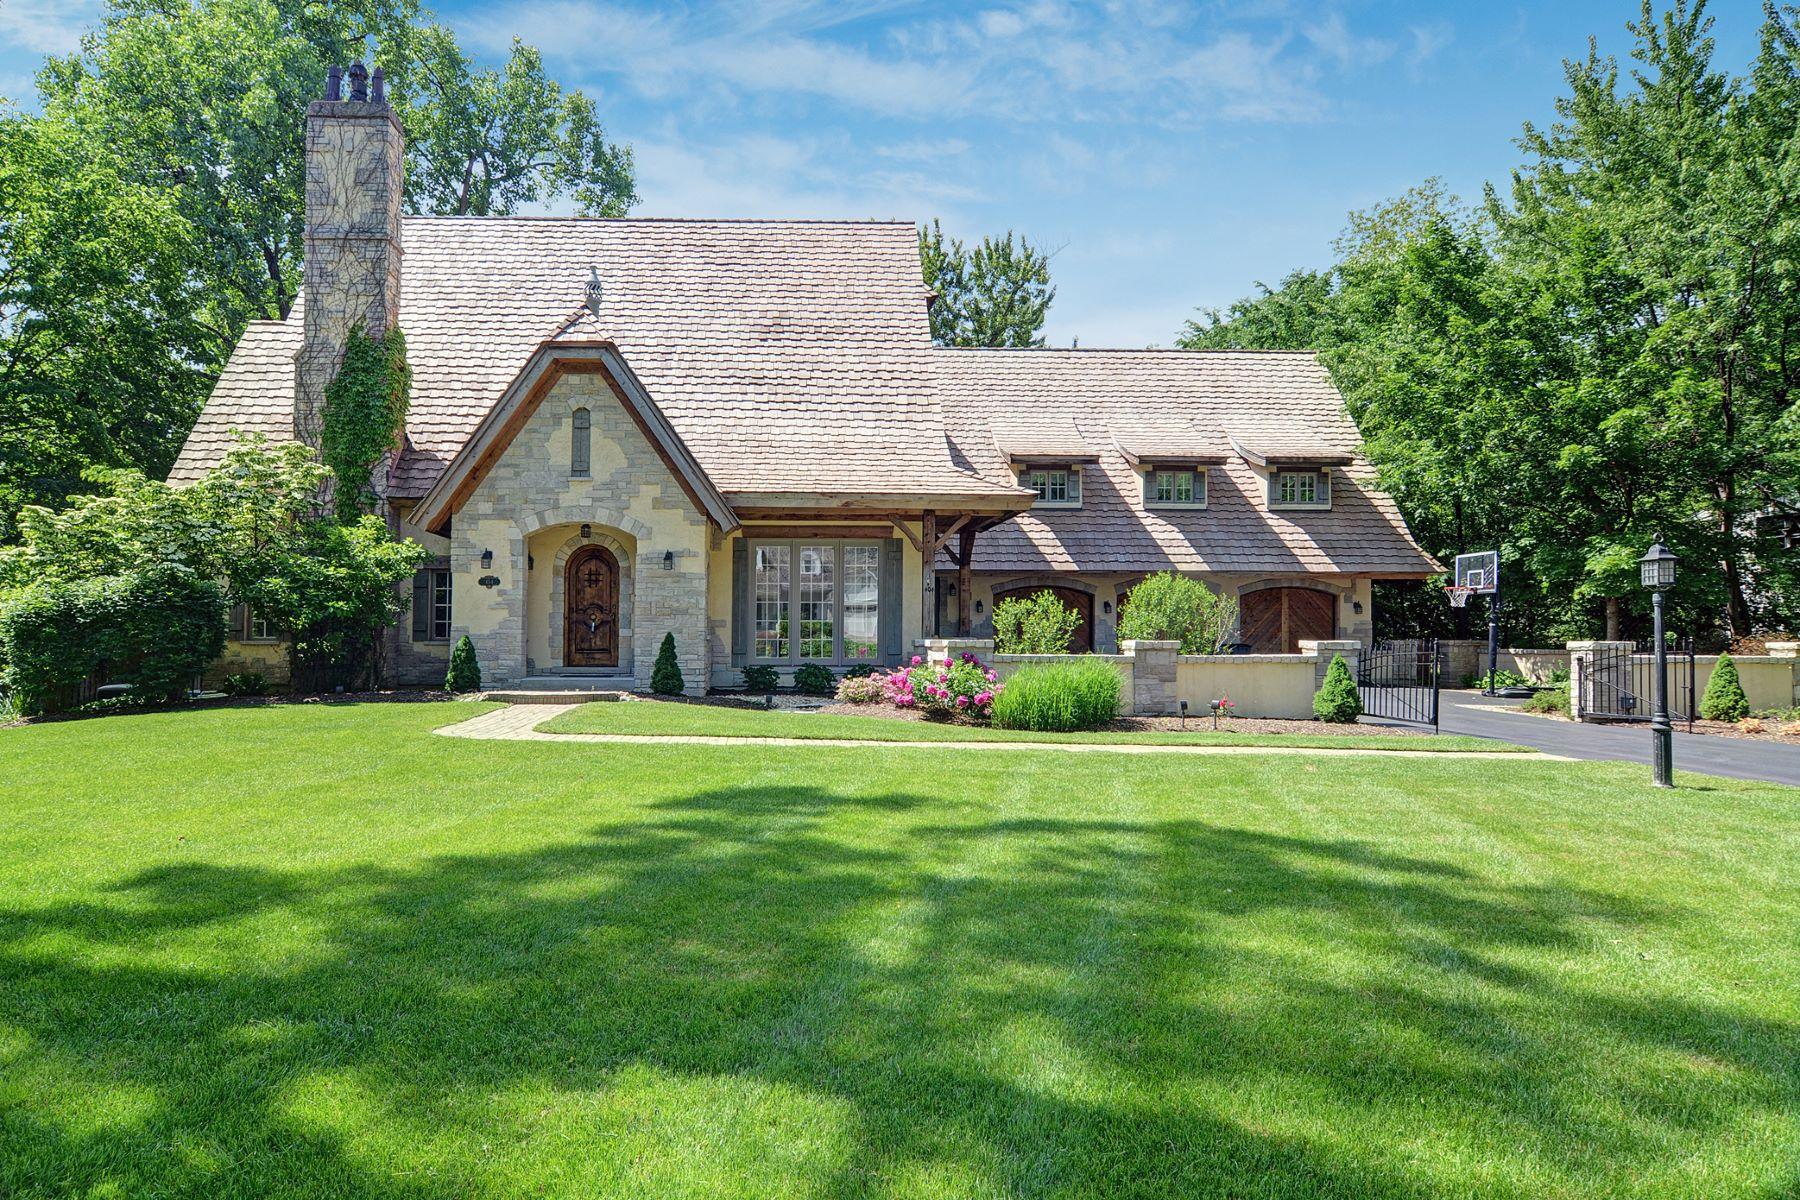 Casa Unifamiliar por un Venta en Birchwood Road 404 Birchwood Rd Hinsdale, Illinois, 60521 Estados Unidos